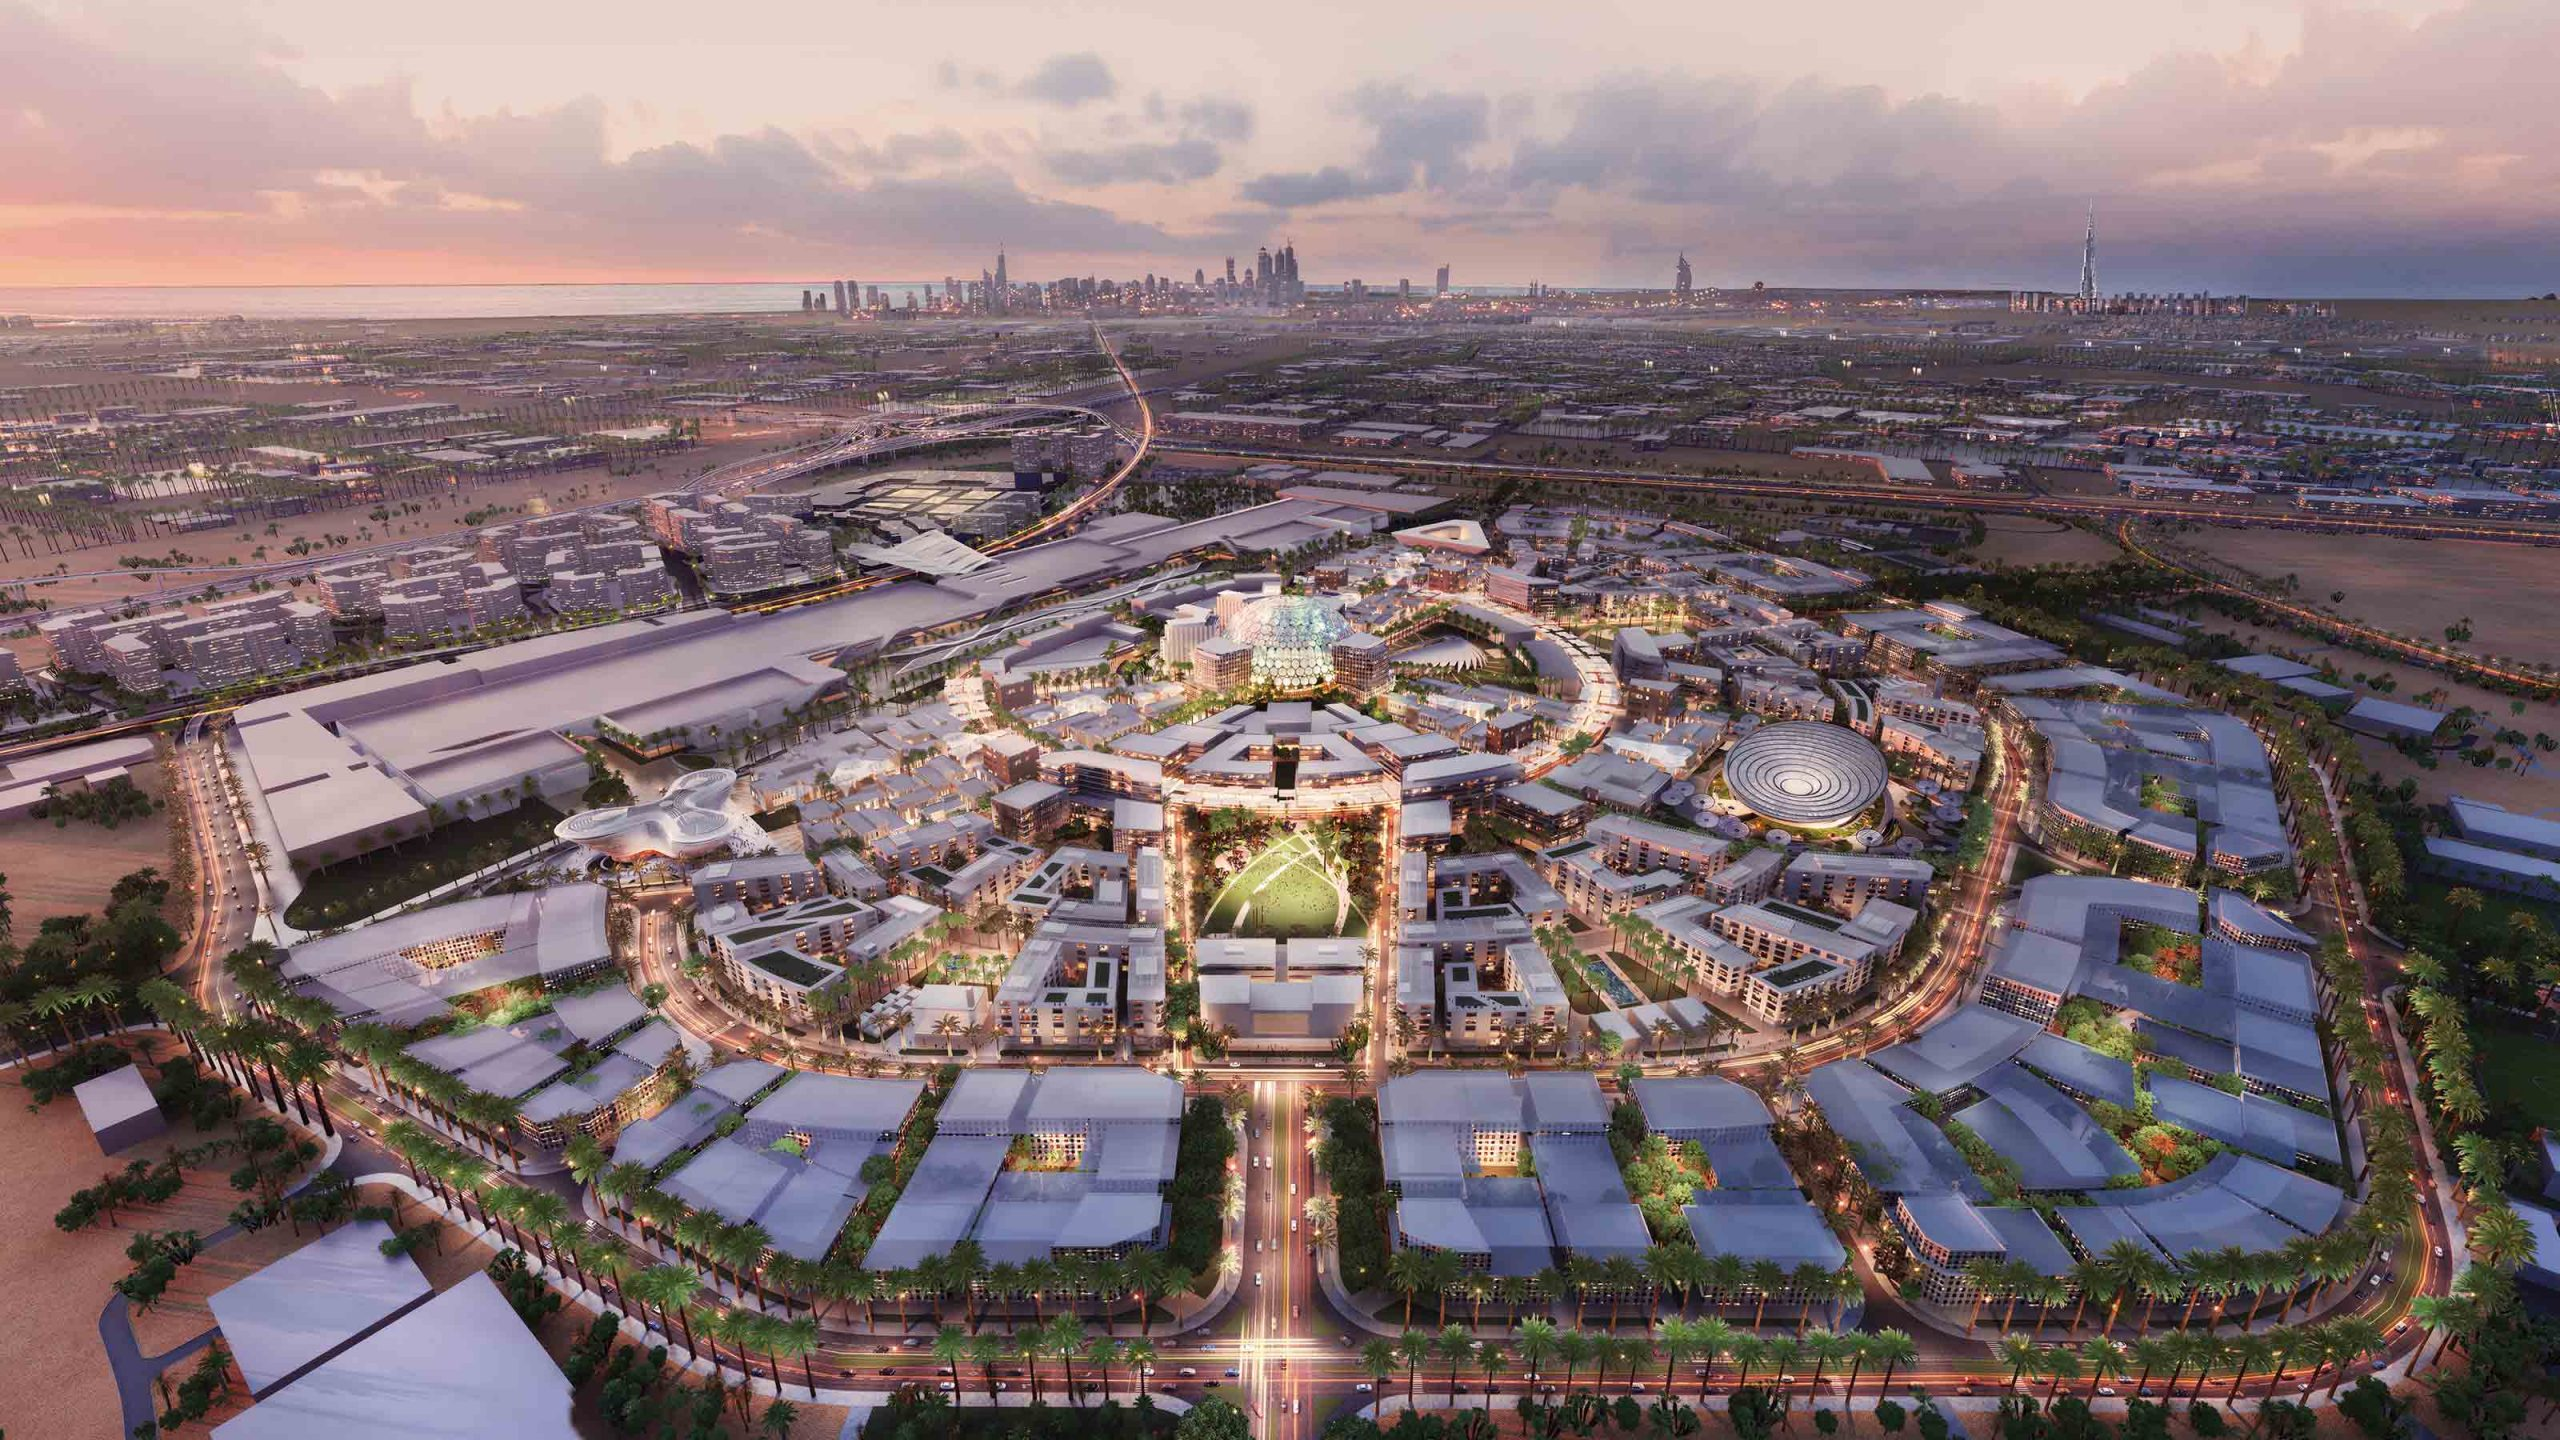 En illustration af noget af udstillingsarealet ved Expo 2020, der fra oktober i år til april næste år holdes i Dubai. Illustration fra expo2020dubai.com